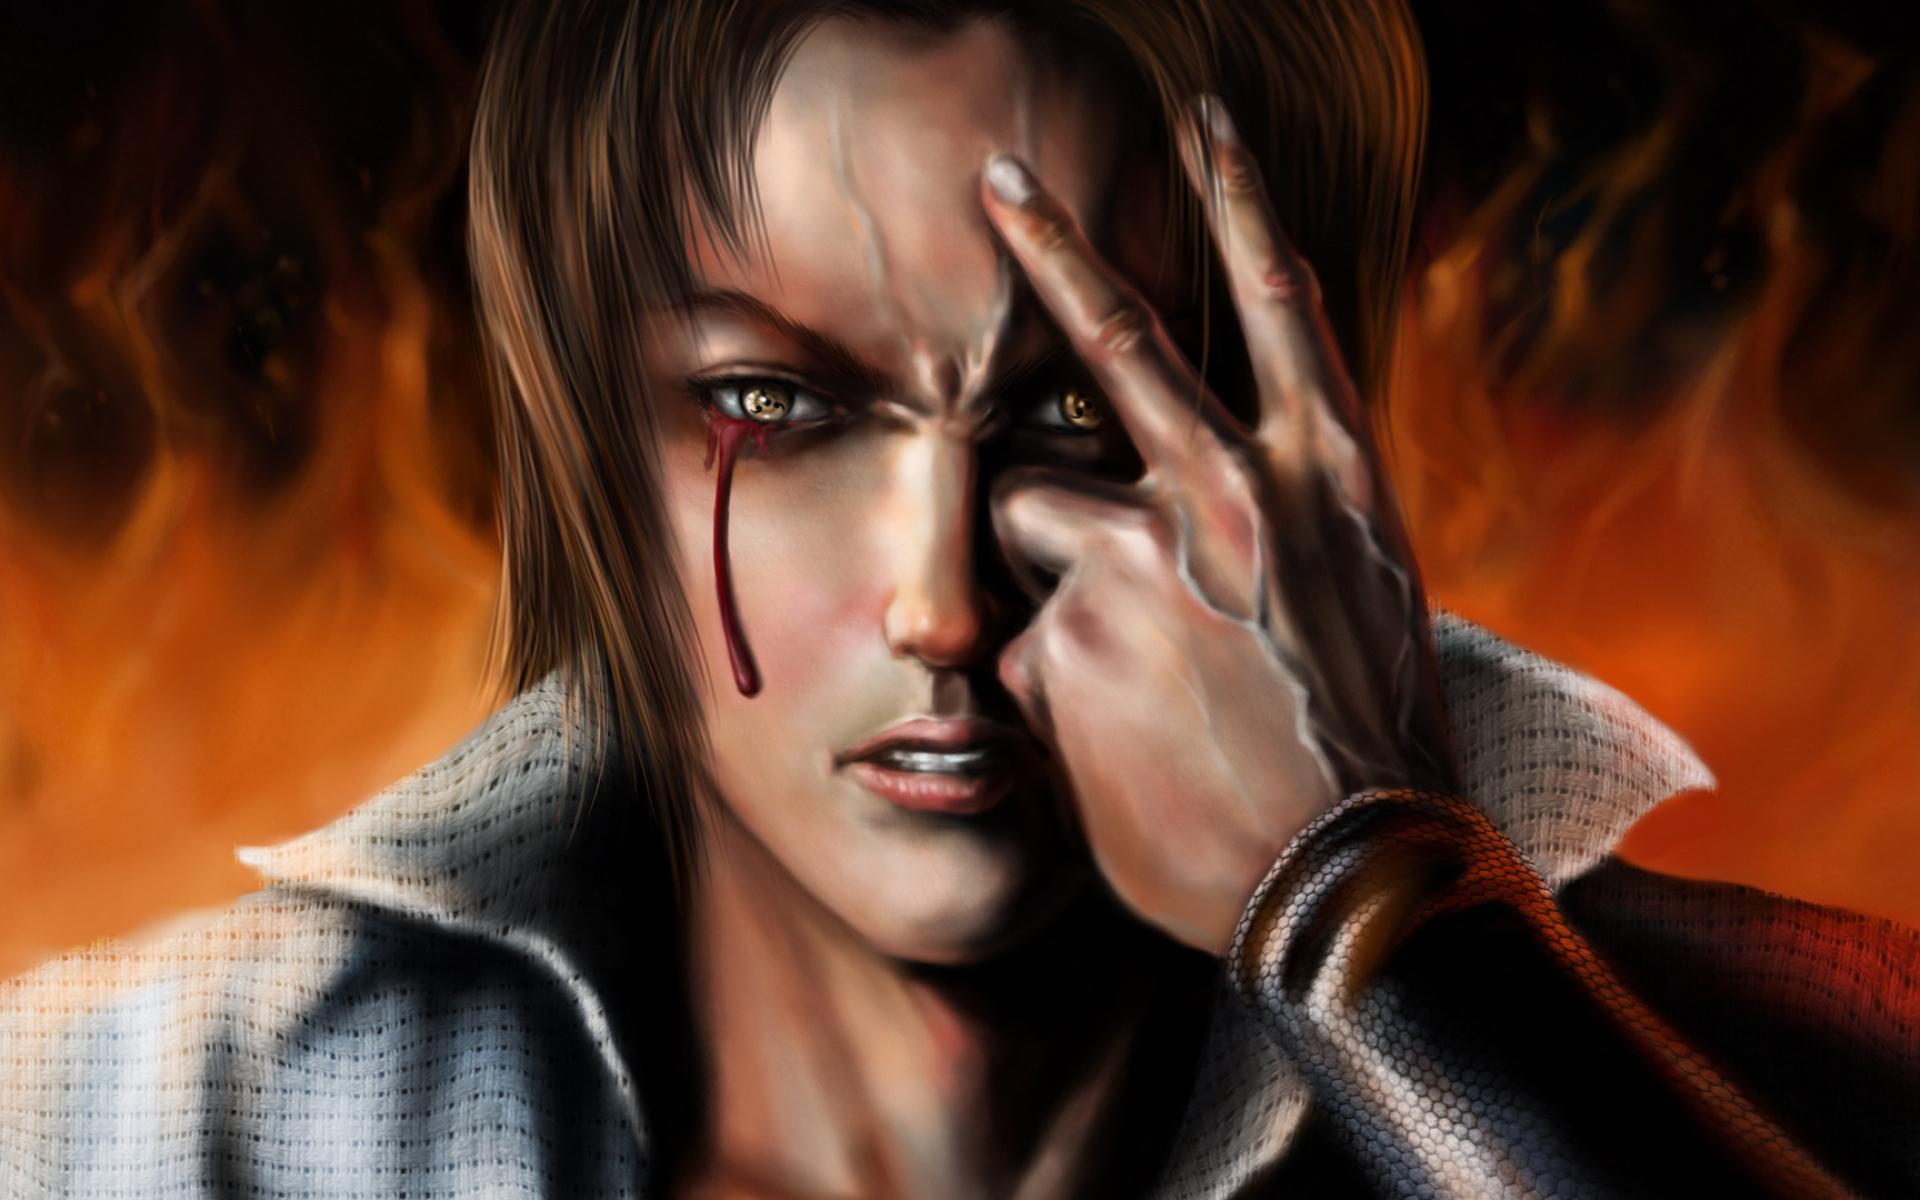 Sasuke Uchiha, 3d Art, Uchiha Clan, Portrait, Manga, - Sasuke Uchiha 3d Wallpaper Hd - HD Wallpaper